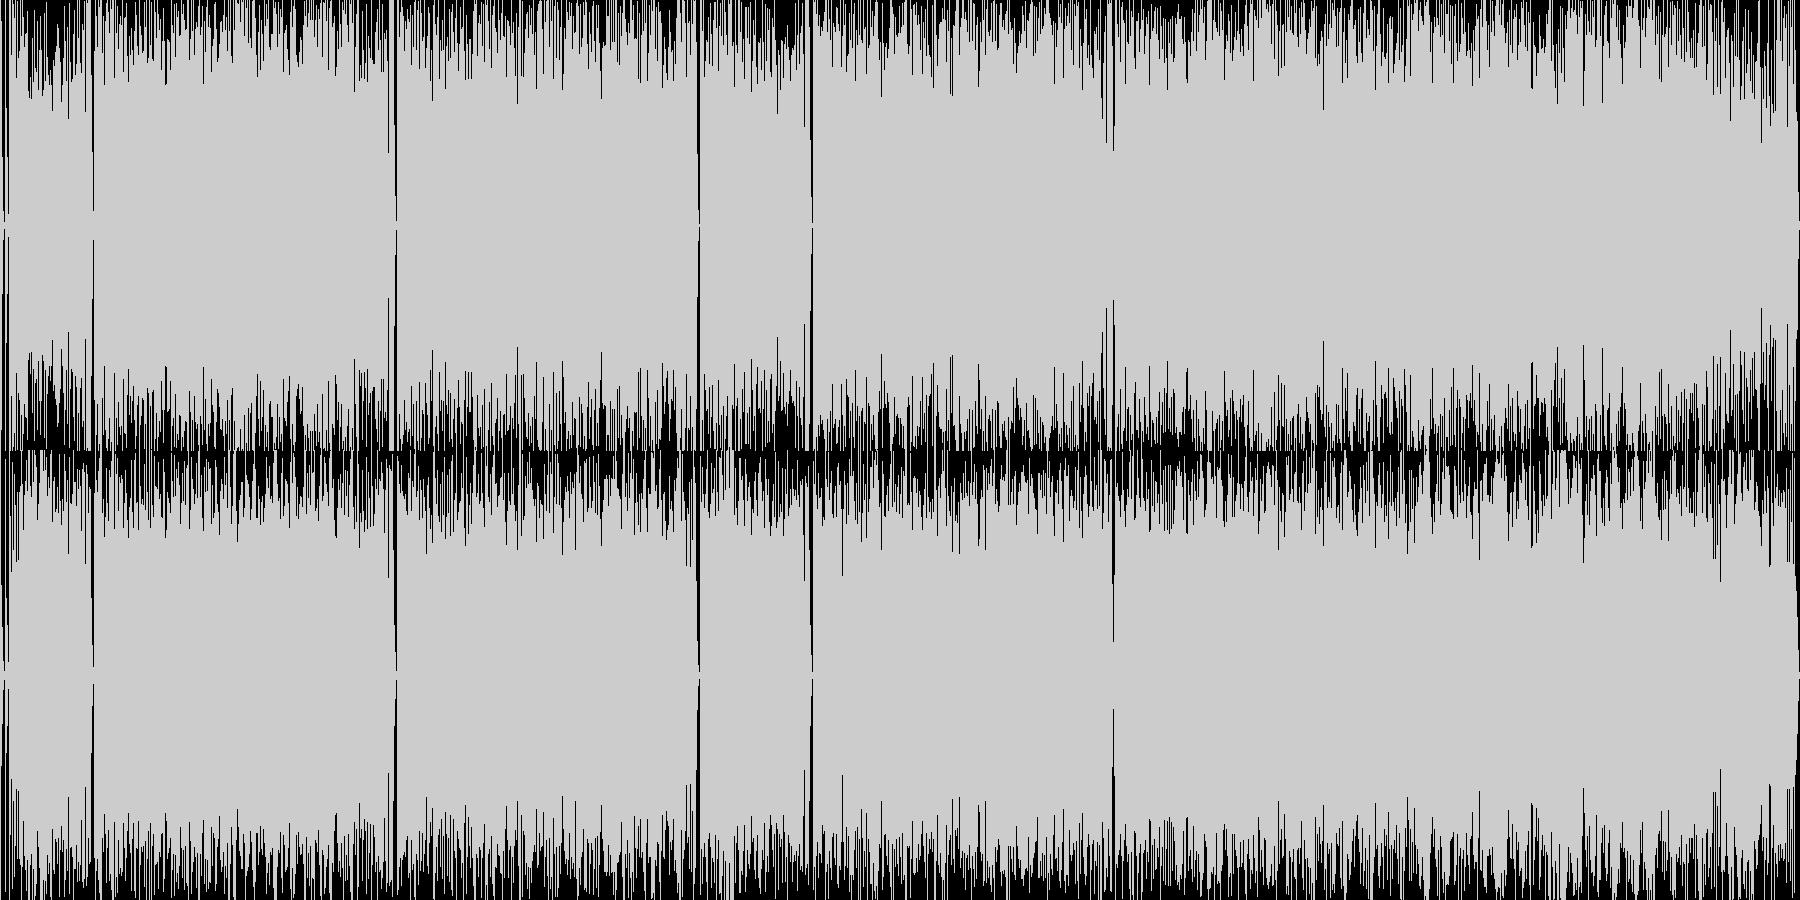 アップテンポのブライダル・コメディー楽曲の未再生の波形